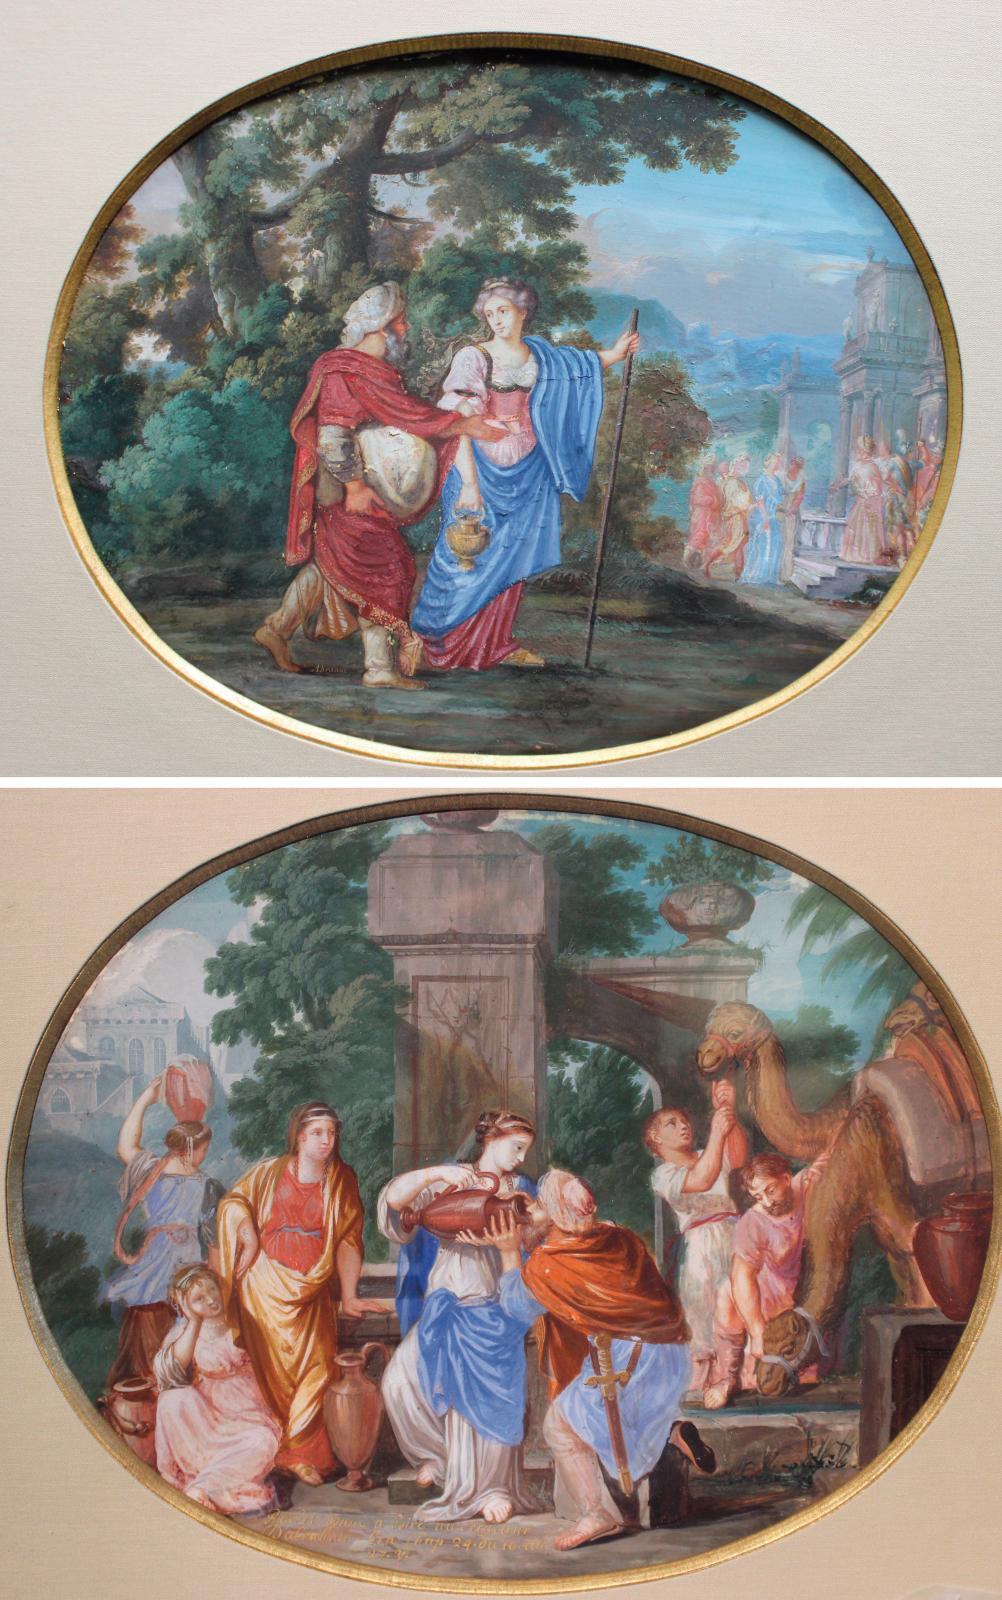 Jean Joubert (actif vers 1643-1707), Abraham et Sarah se rendant en Égypte, Rebecca donnant à boire aux serviteurs d'Abraham, deux gouaches ovales sur